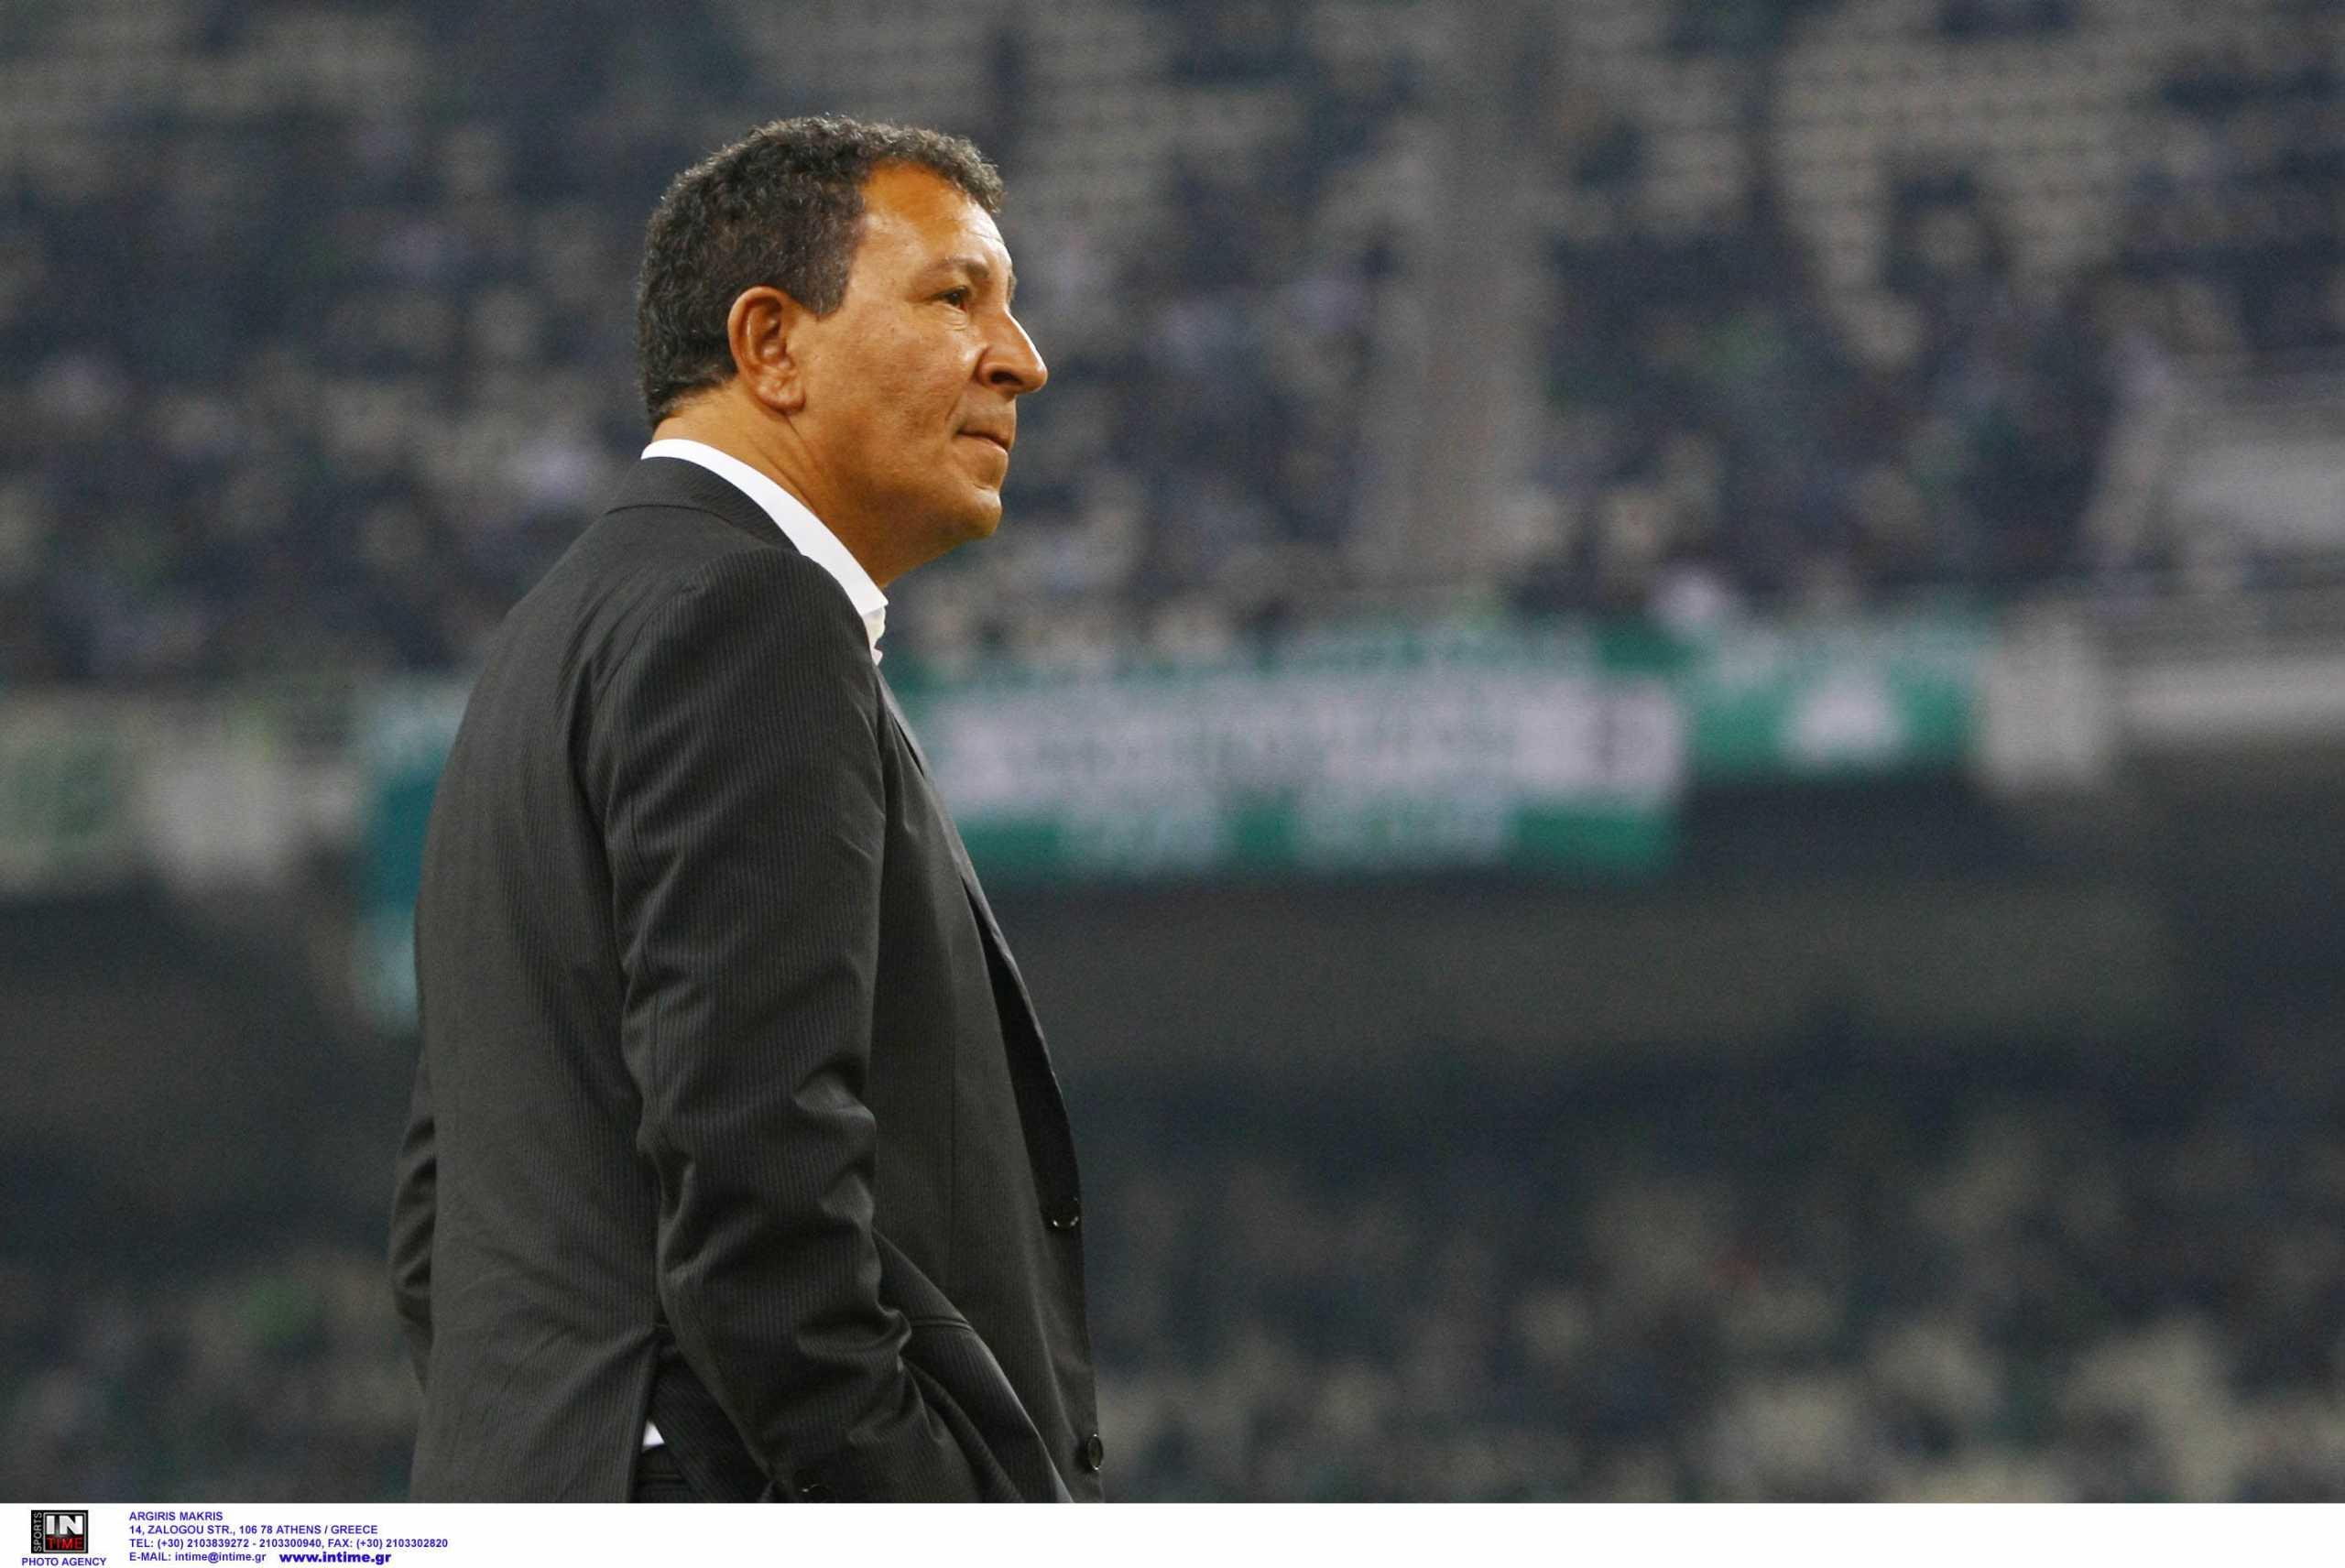 Πρώην προπονητής του Παναθηναϊκού για τον πάγκο της Ολλανδίας: «Πρώτα να μου ζητήσουν συγγνώμη»